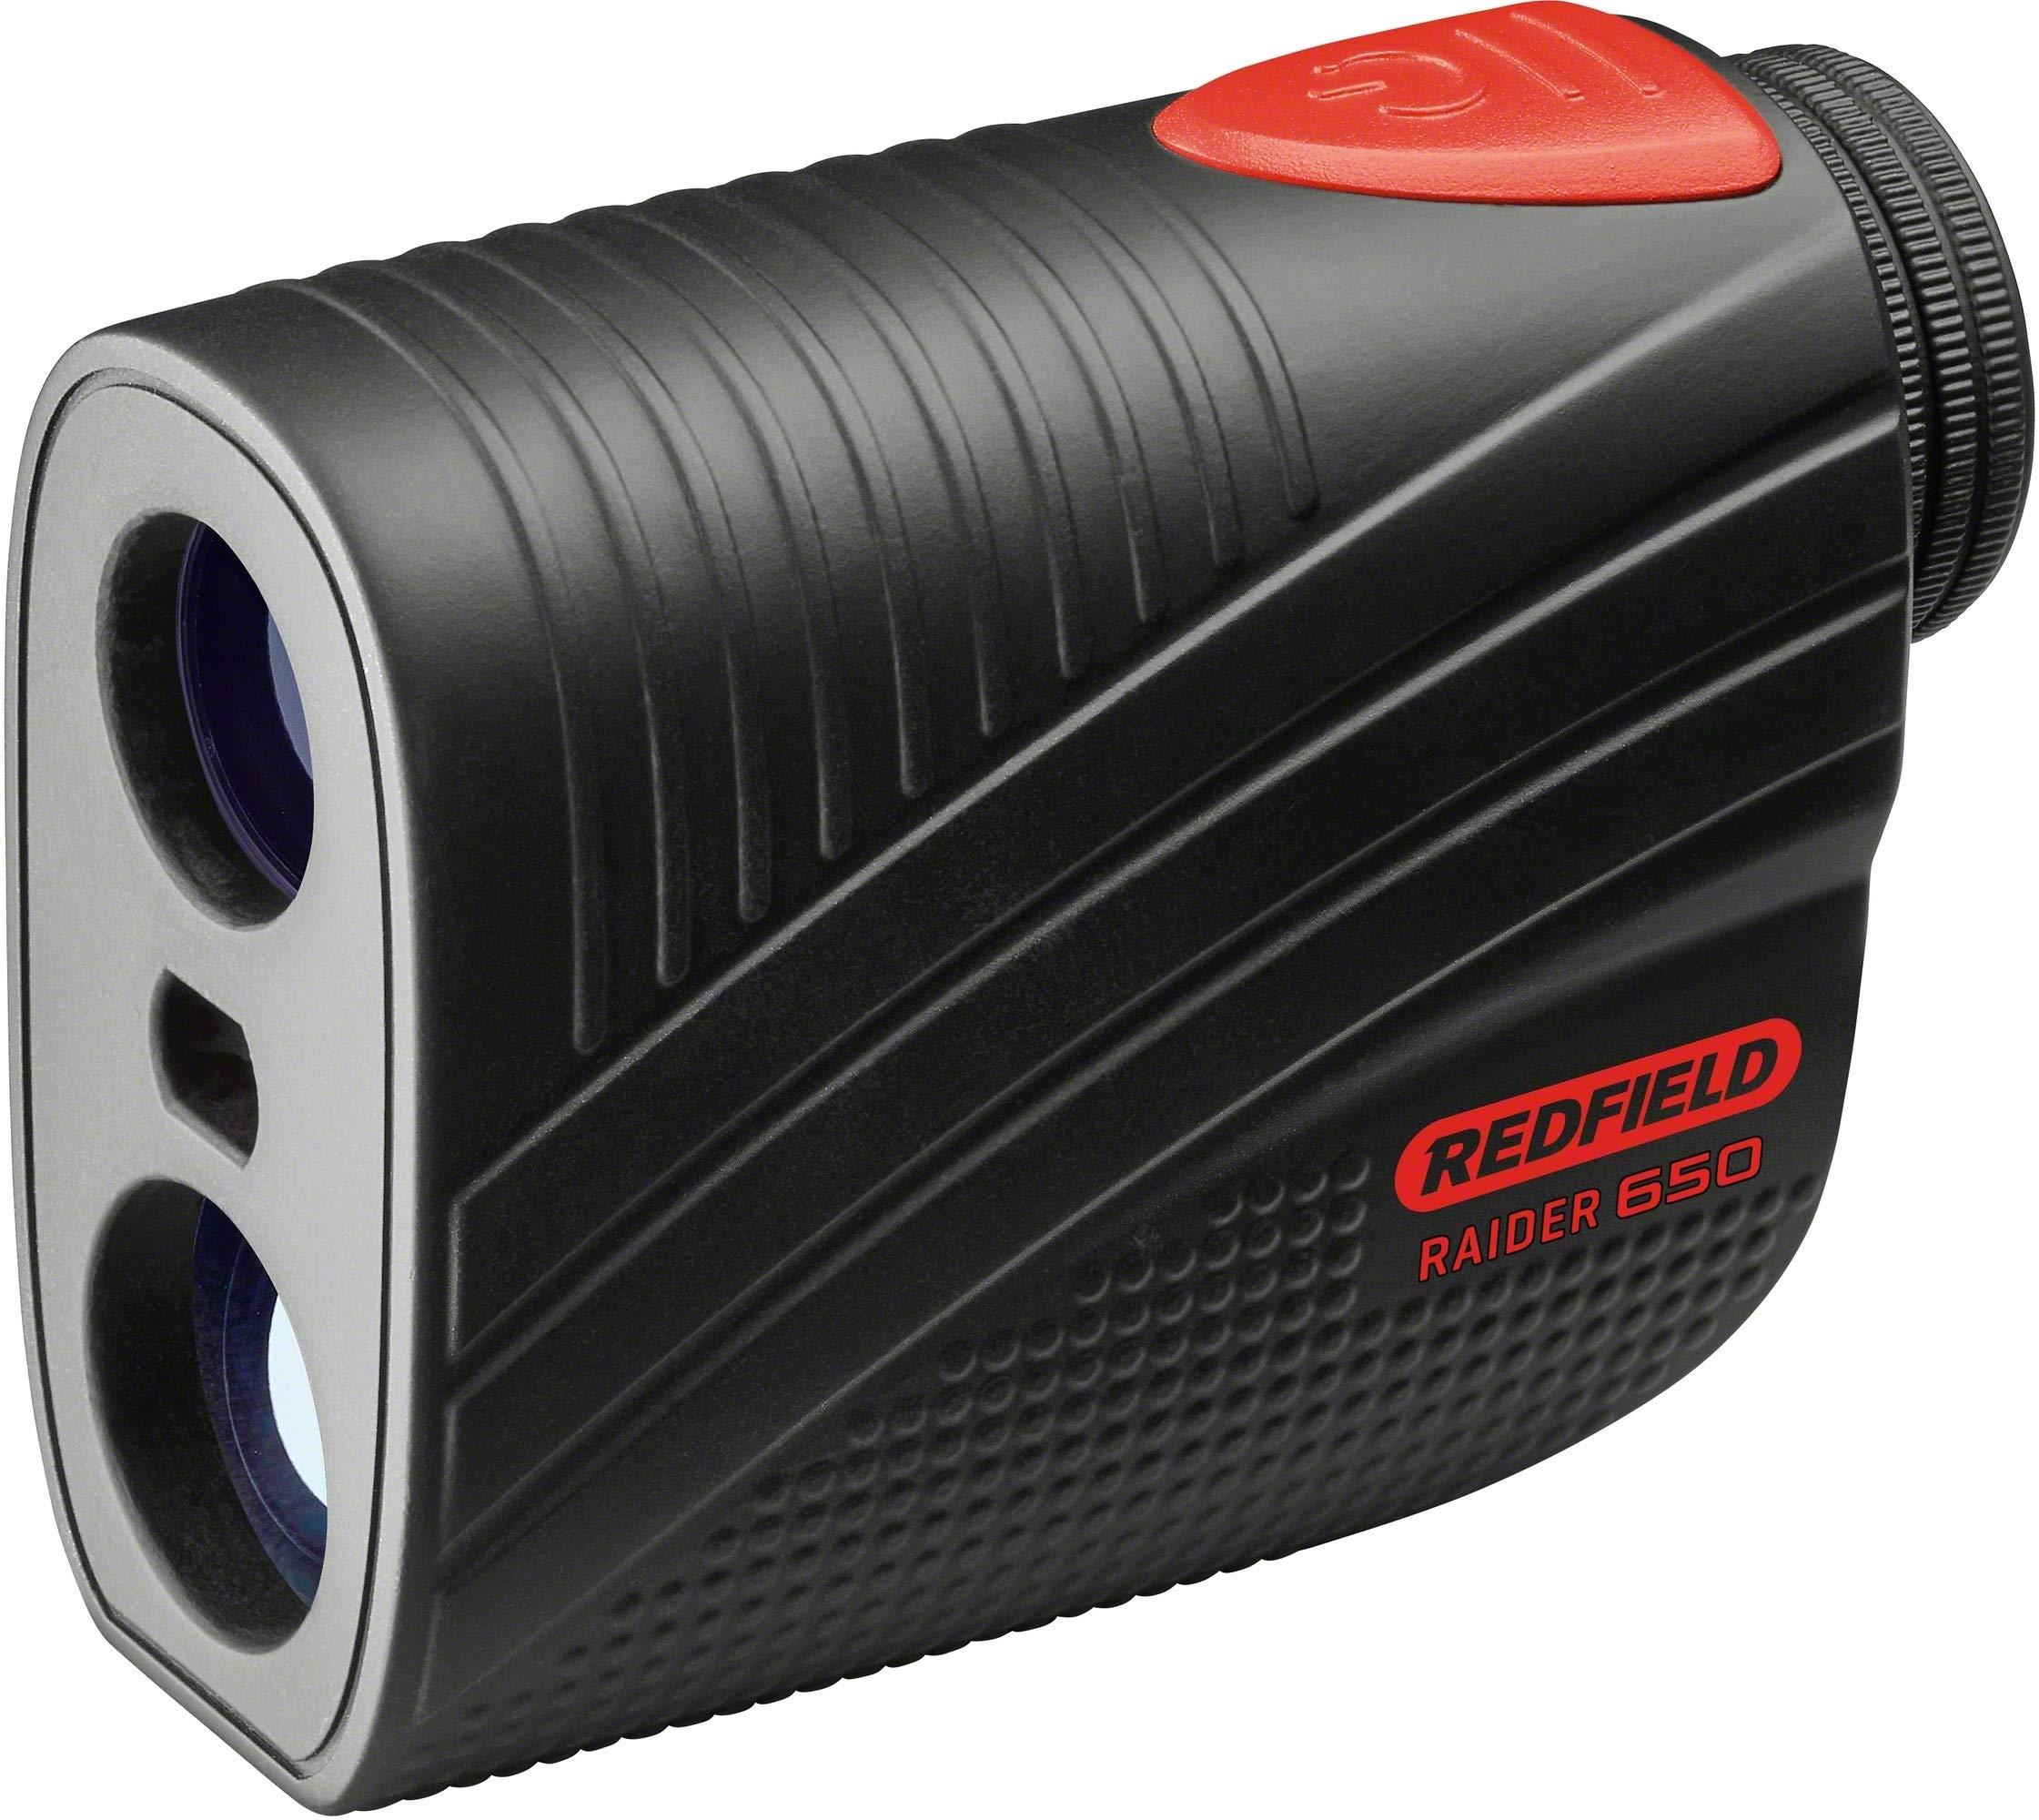 REDFIELD Raider 650 Los Laser Range Finder,Black by REDFIELD